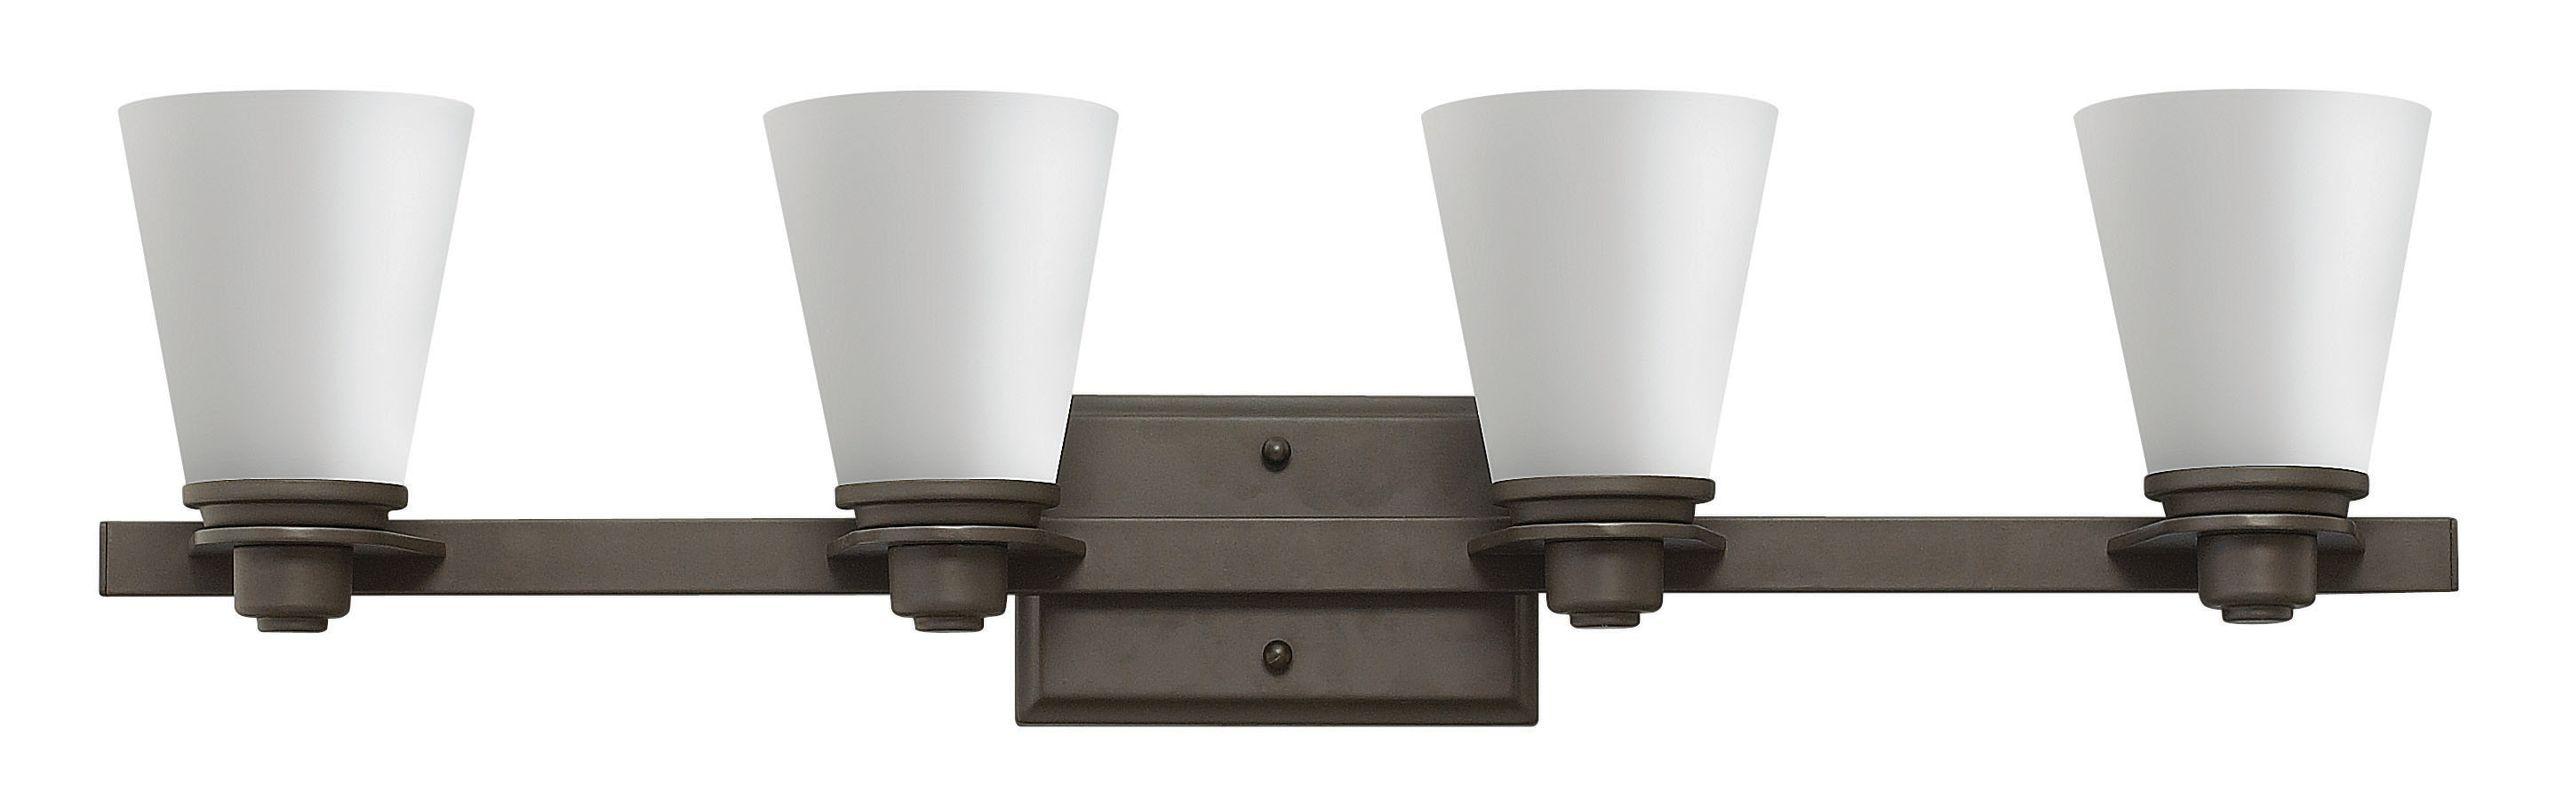 Hinkley Lighting 5554 4 Light Bathroom Vanity Light from the Avon